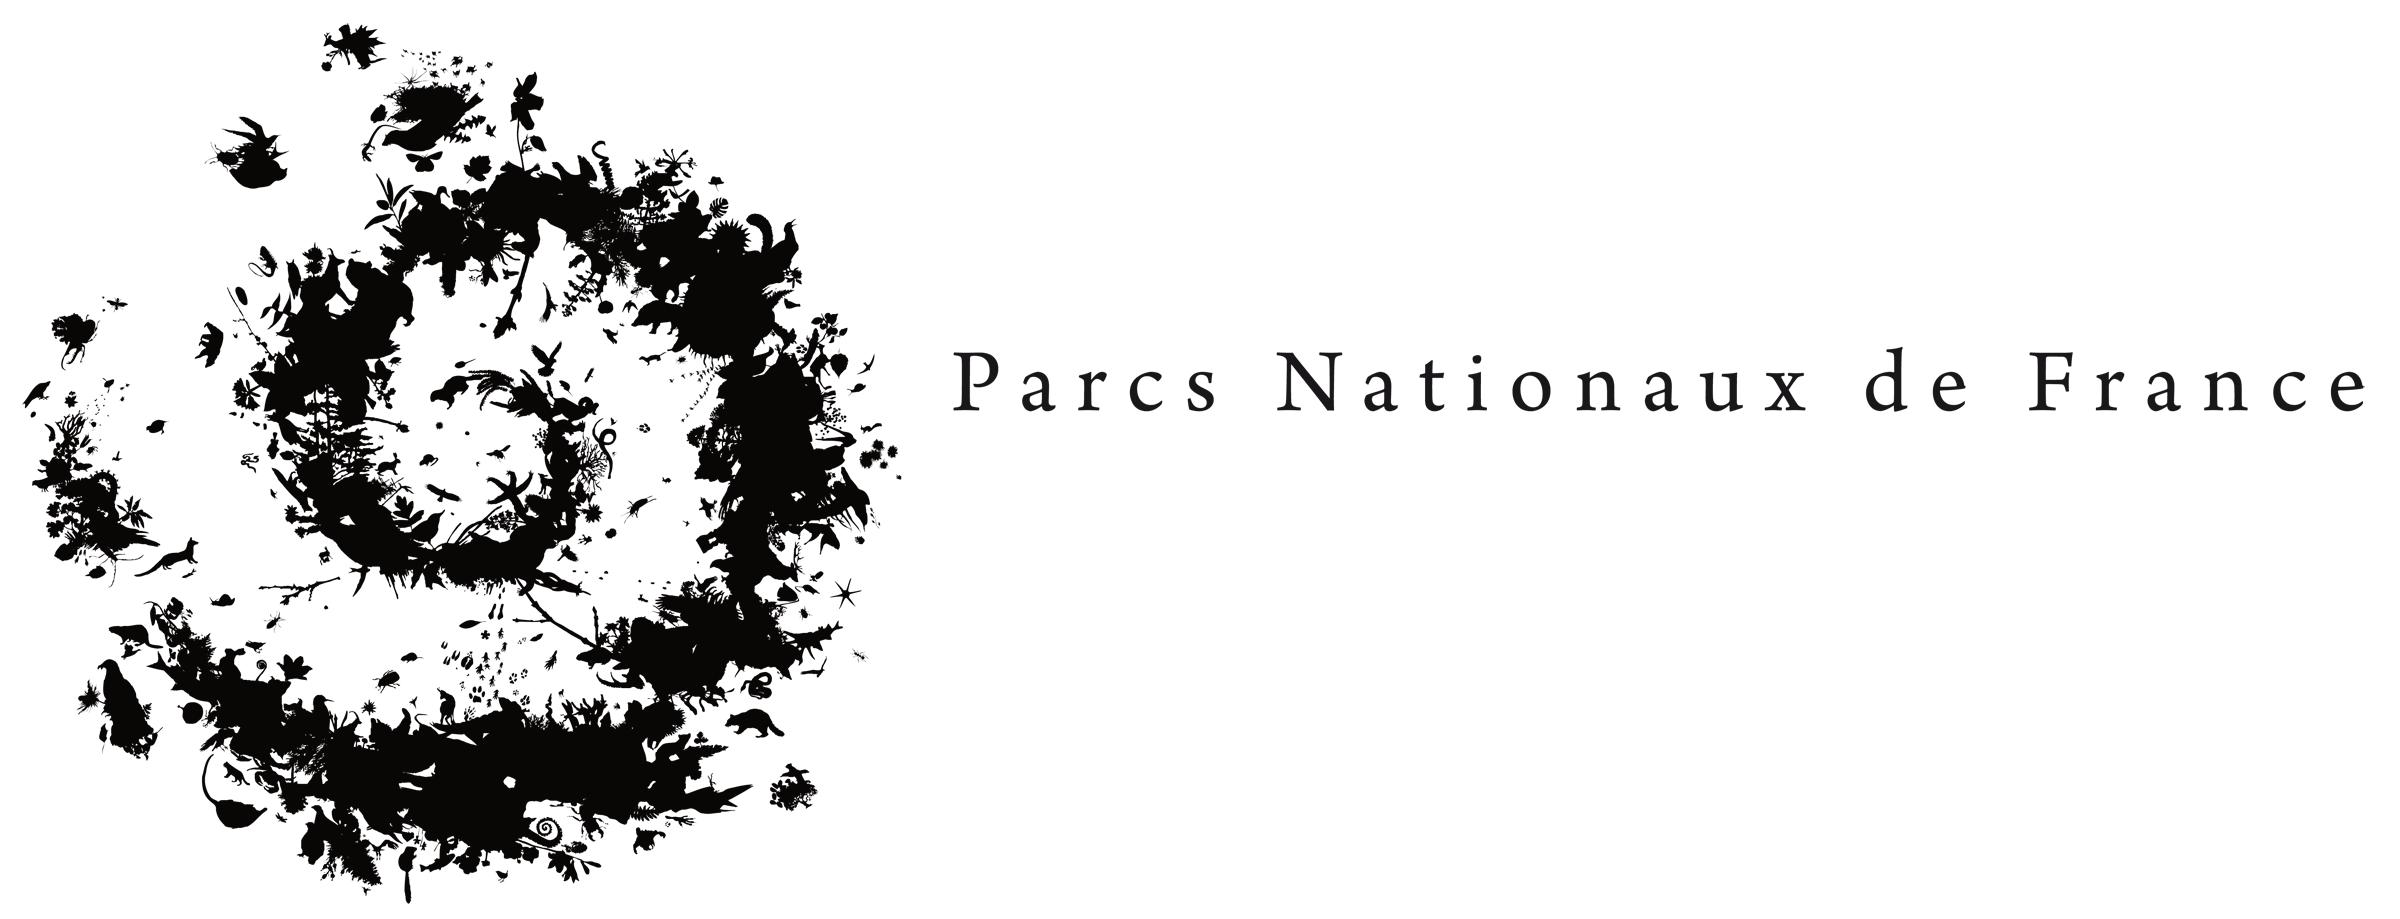 Parcs_nationaux_de_France